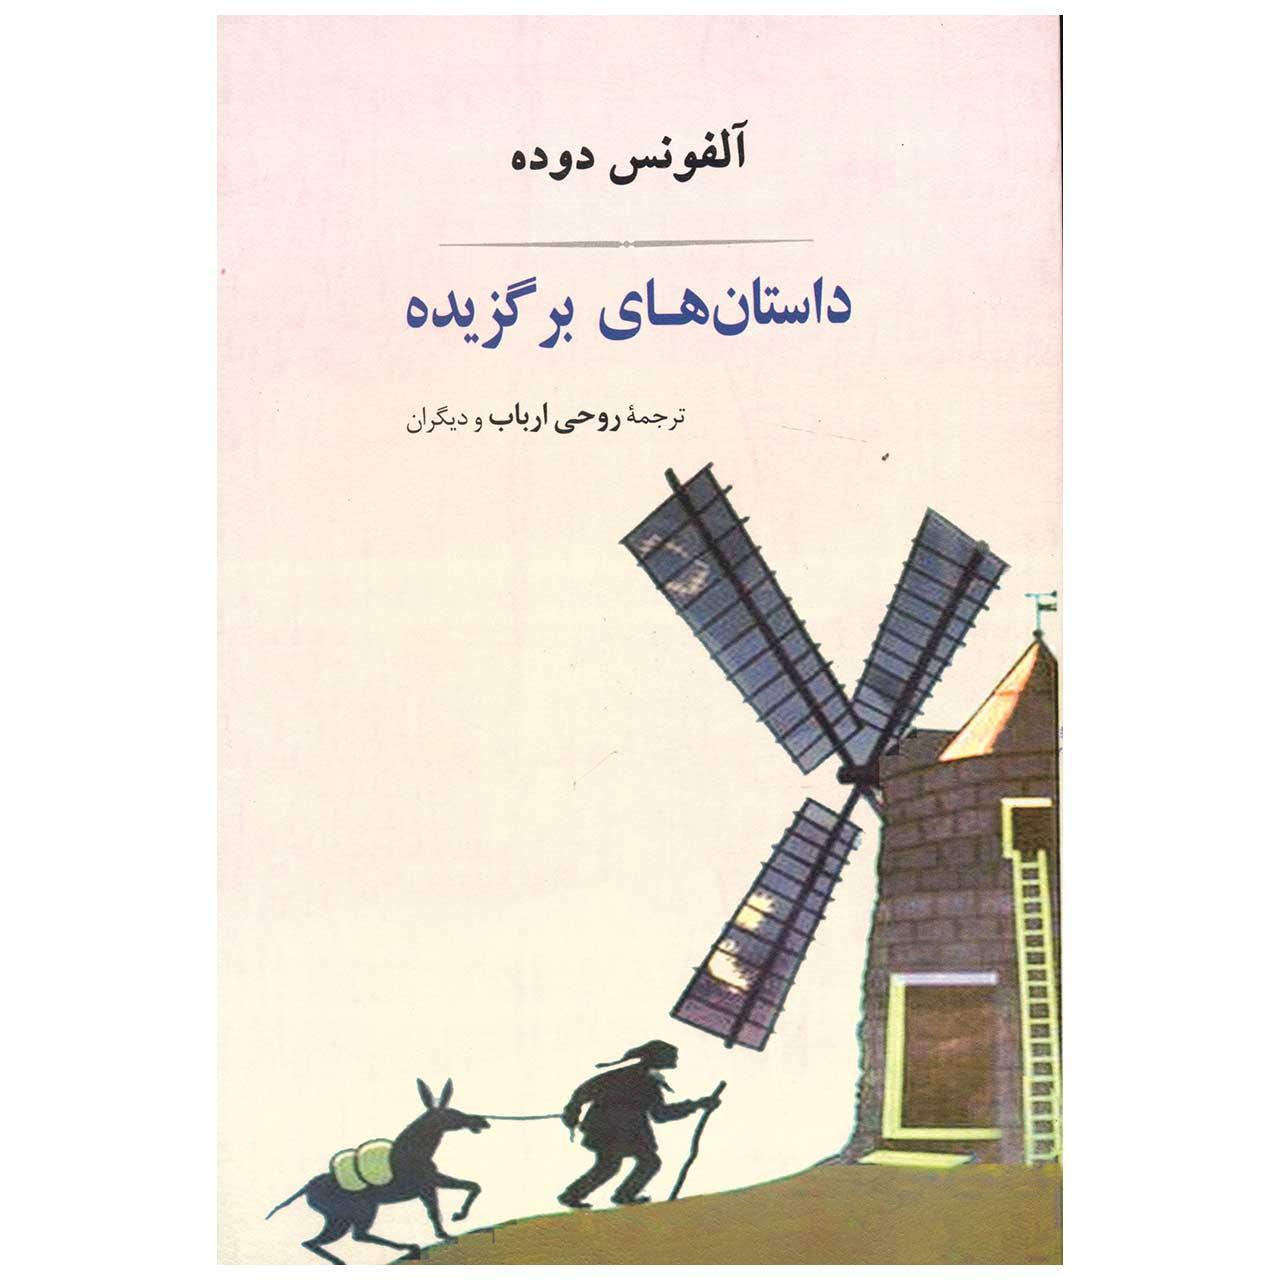 کتاب داستان های برگزیده اثر آلفونس دوده